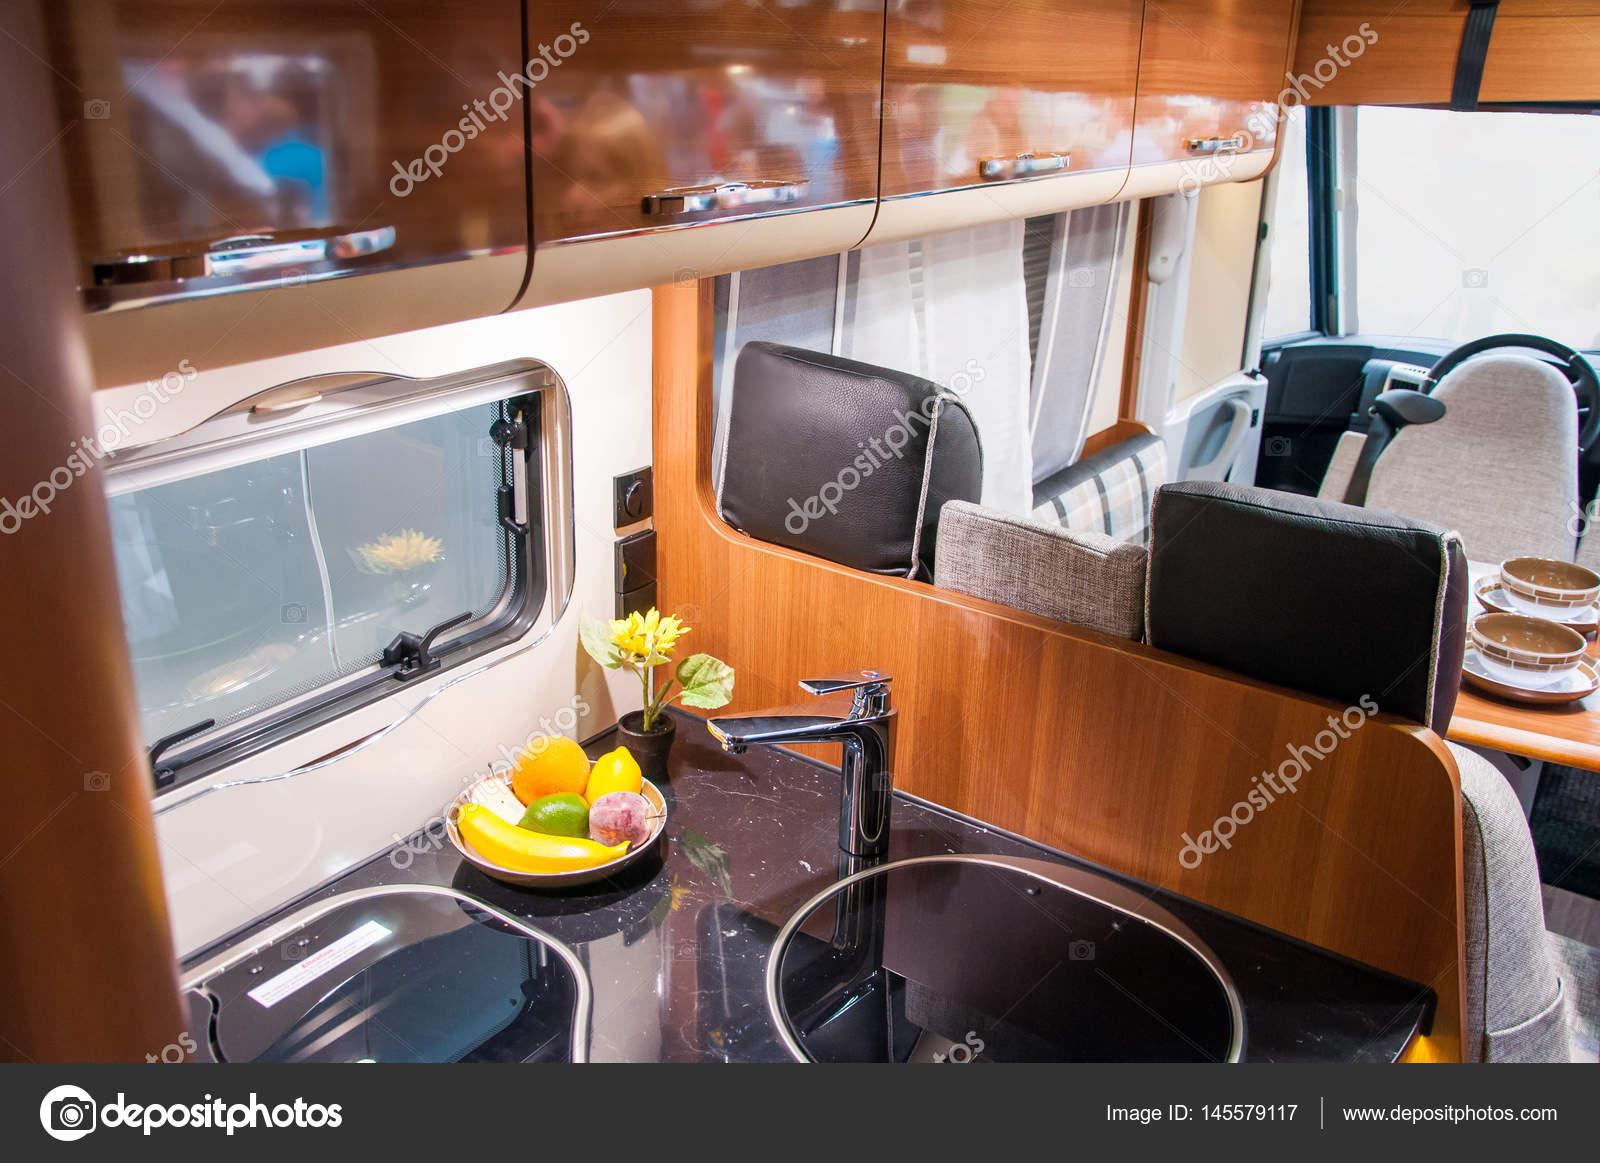 https://st3.depositphotos.com/3009117/14557/i/1600/depositphotos_145579117-stockafbeelding-interieur-van-luxe-caravan.jpg